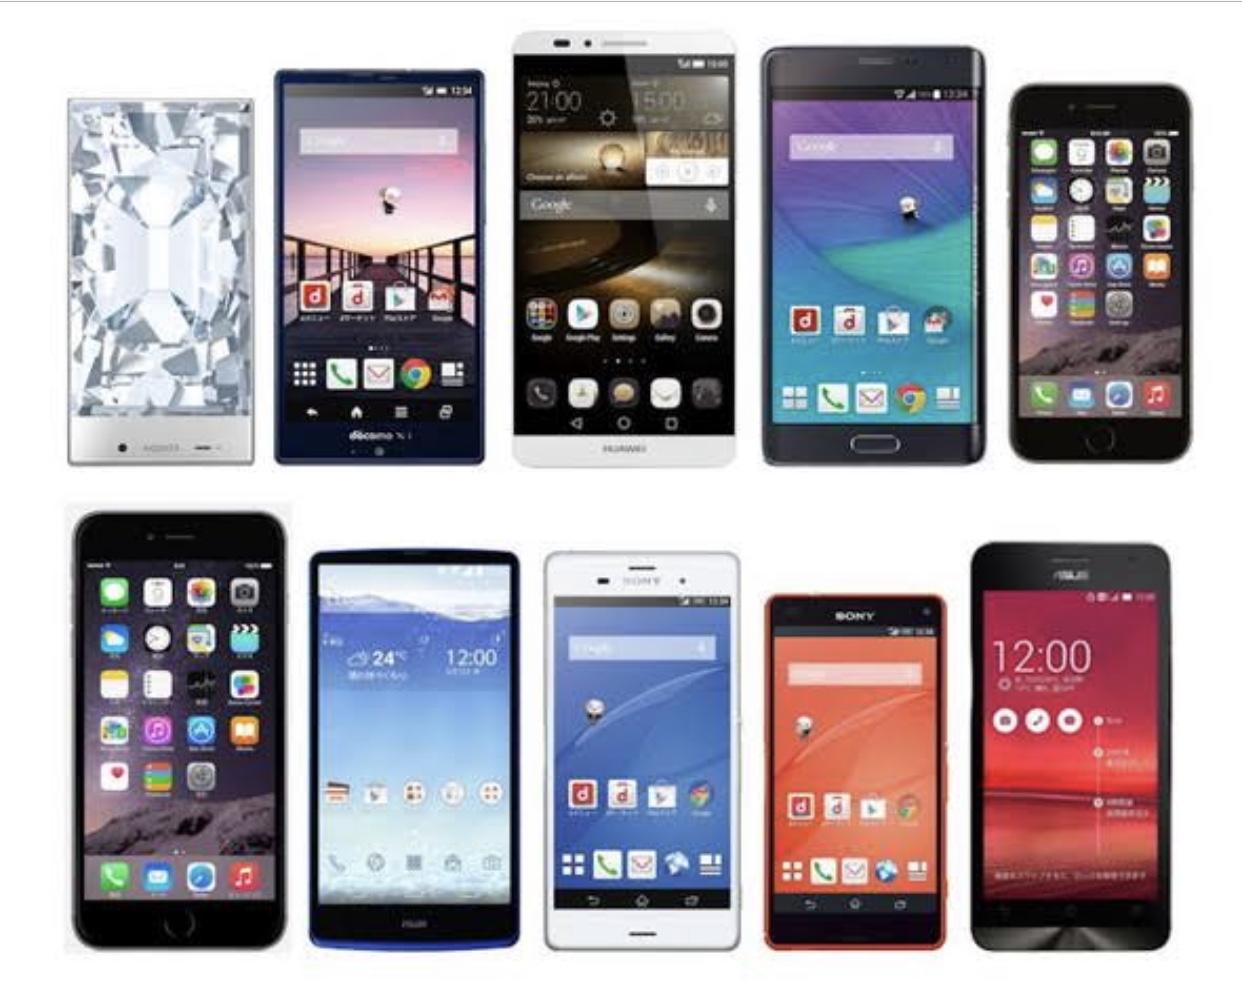 A415CFCA 6B1A 4709 871A D2D67FC9E205 - 【考察】なぜ日本人はiphoneが好きなの?